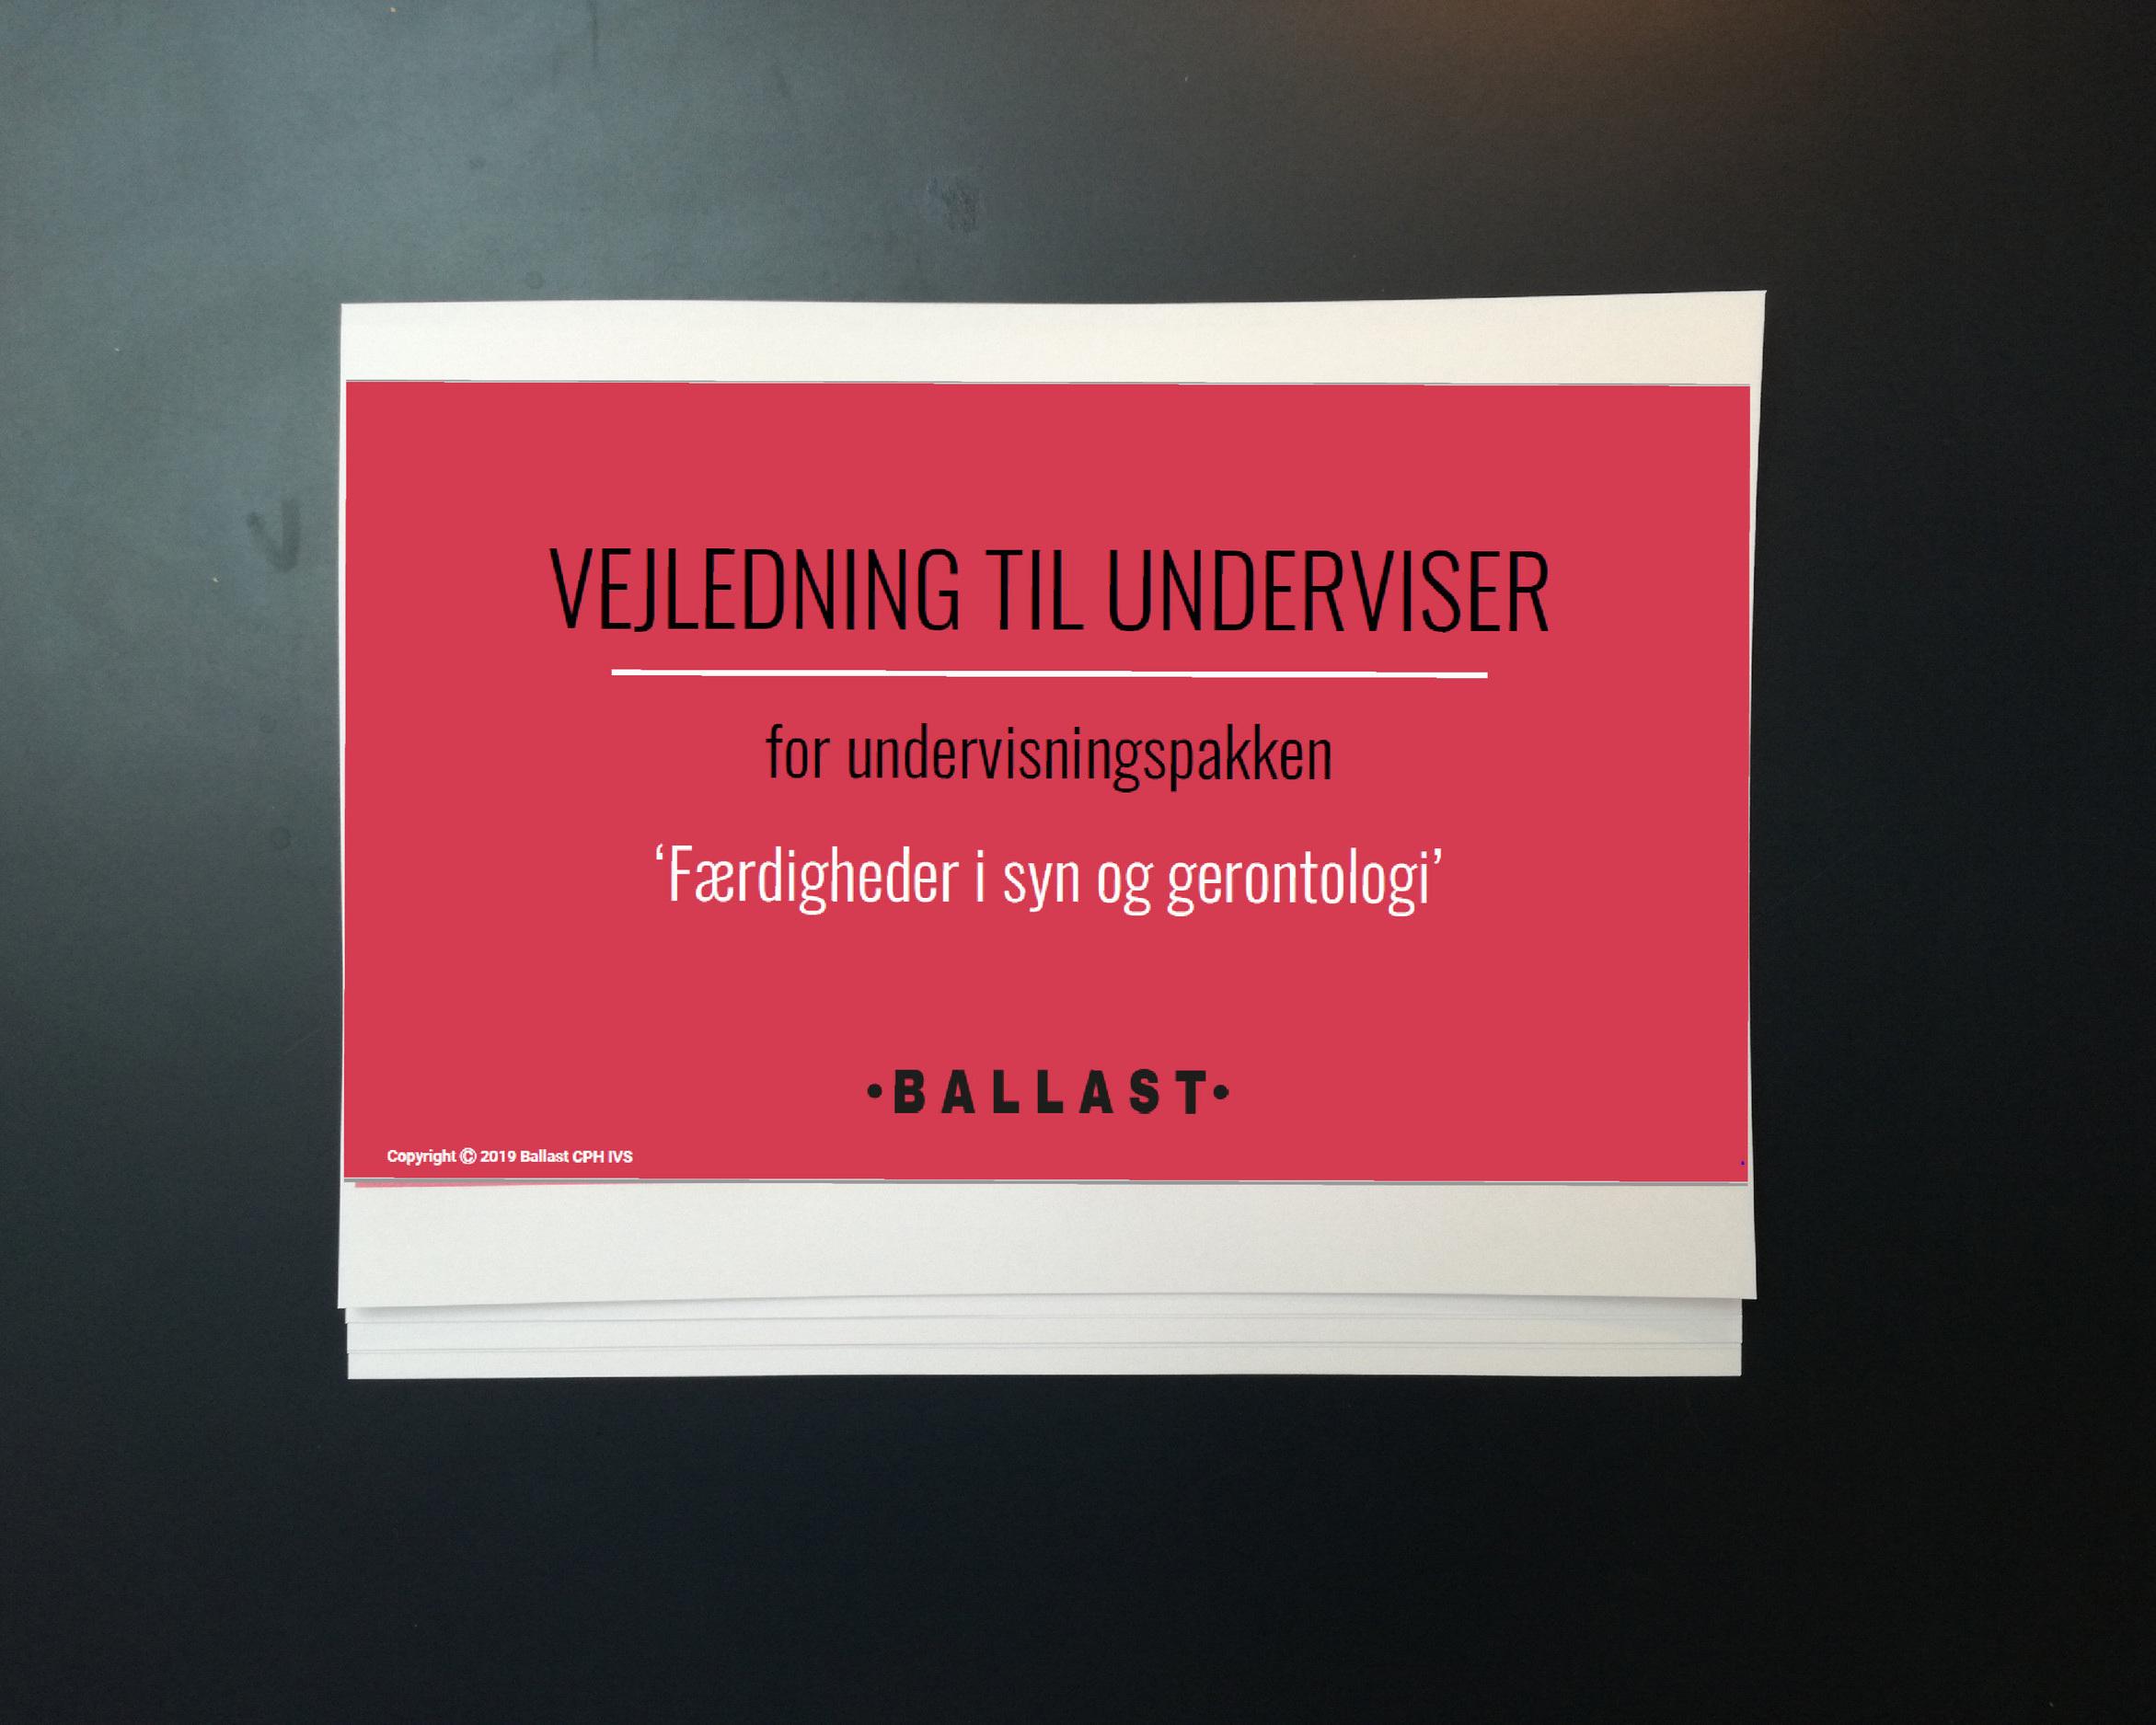 UNDERVISNING: FÆRDIGHEDER I SYN OG GERONTOLOGI - JANUAR 2019 - MAJ 2019